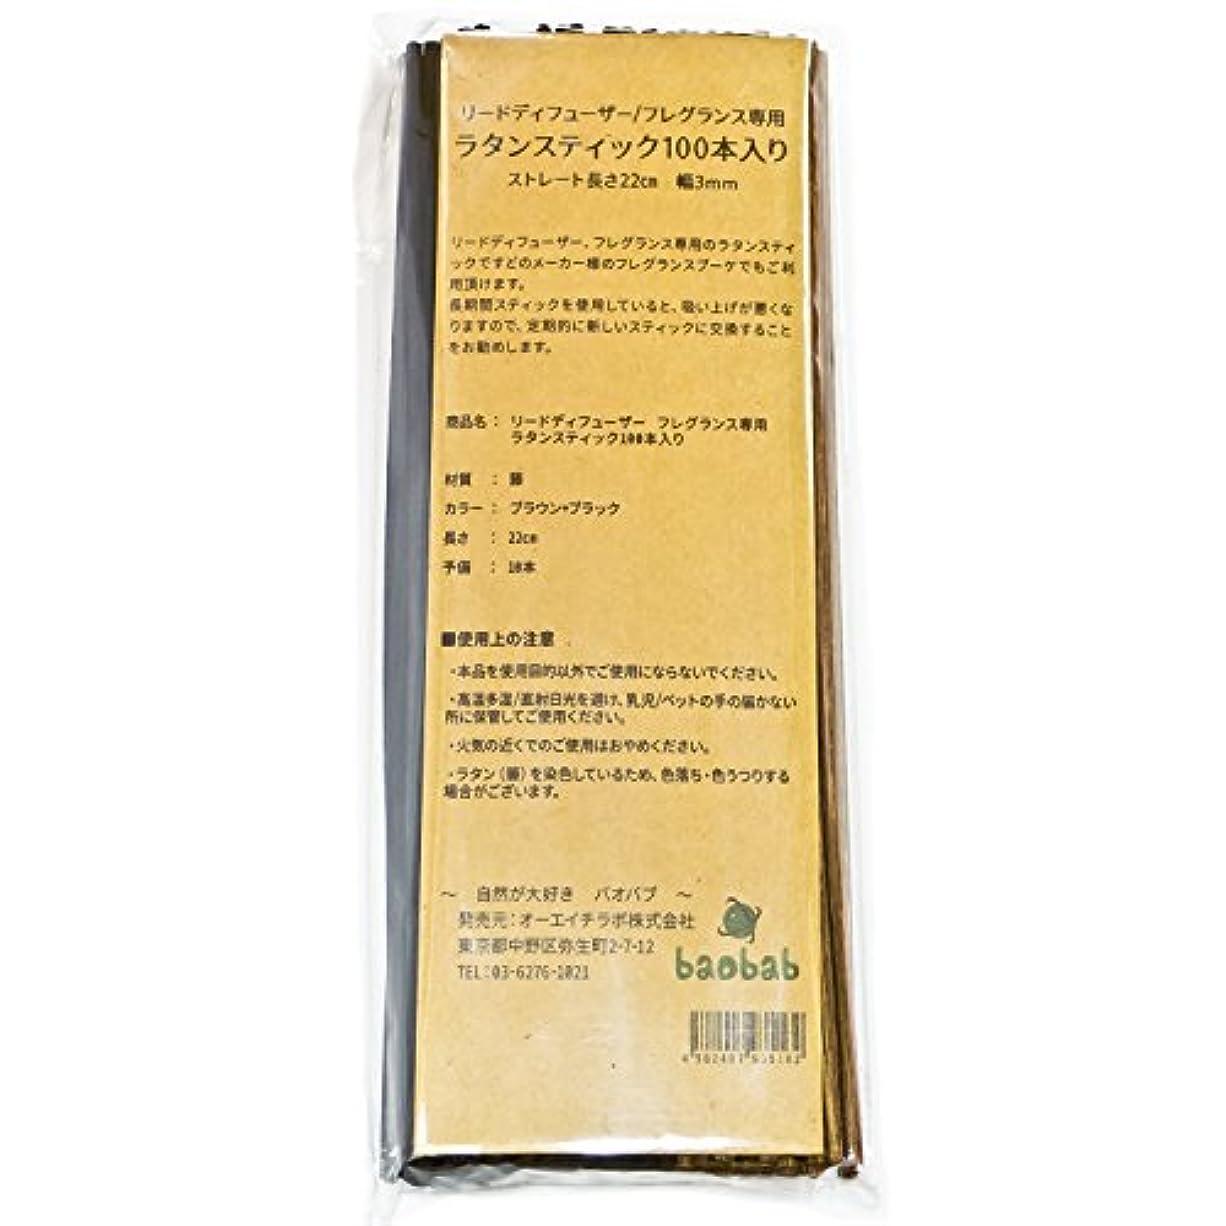 フィドル母性奴隷baobab(バオバブ) リードディフューザー用 リードスティック リフィル [ラタン スティック] 15㎝ 100本 (ブラック/ブラウン)